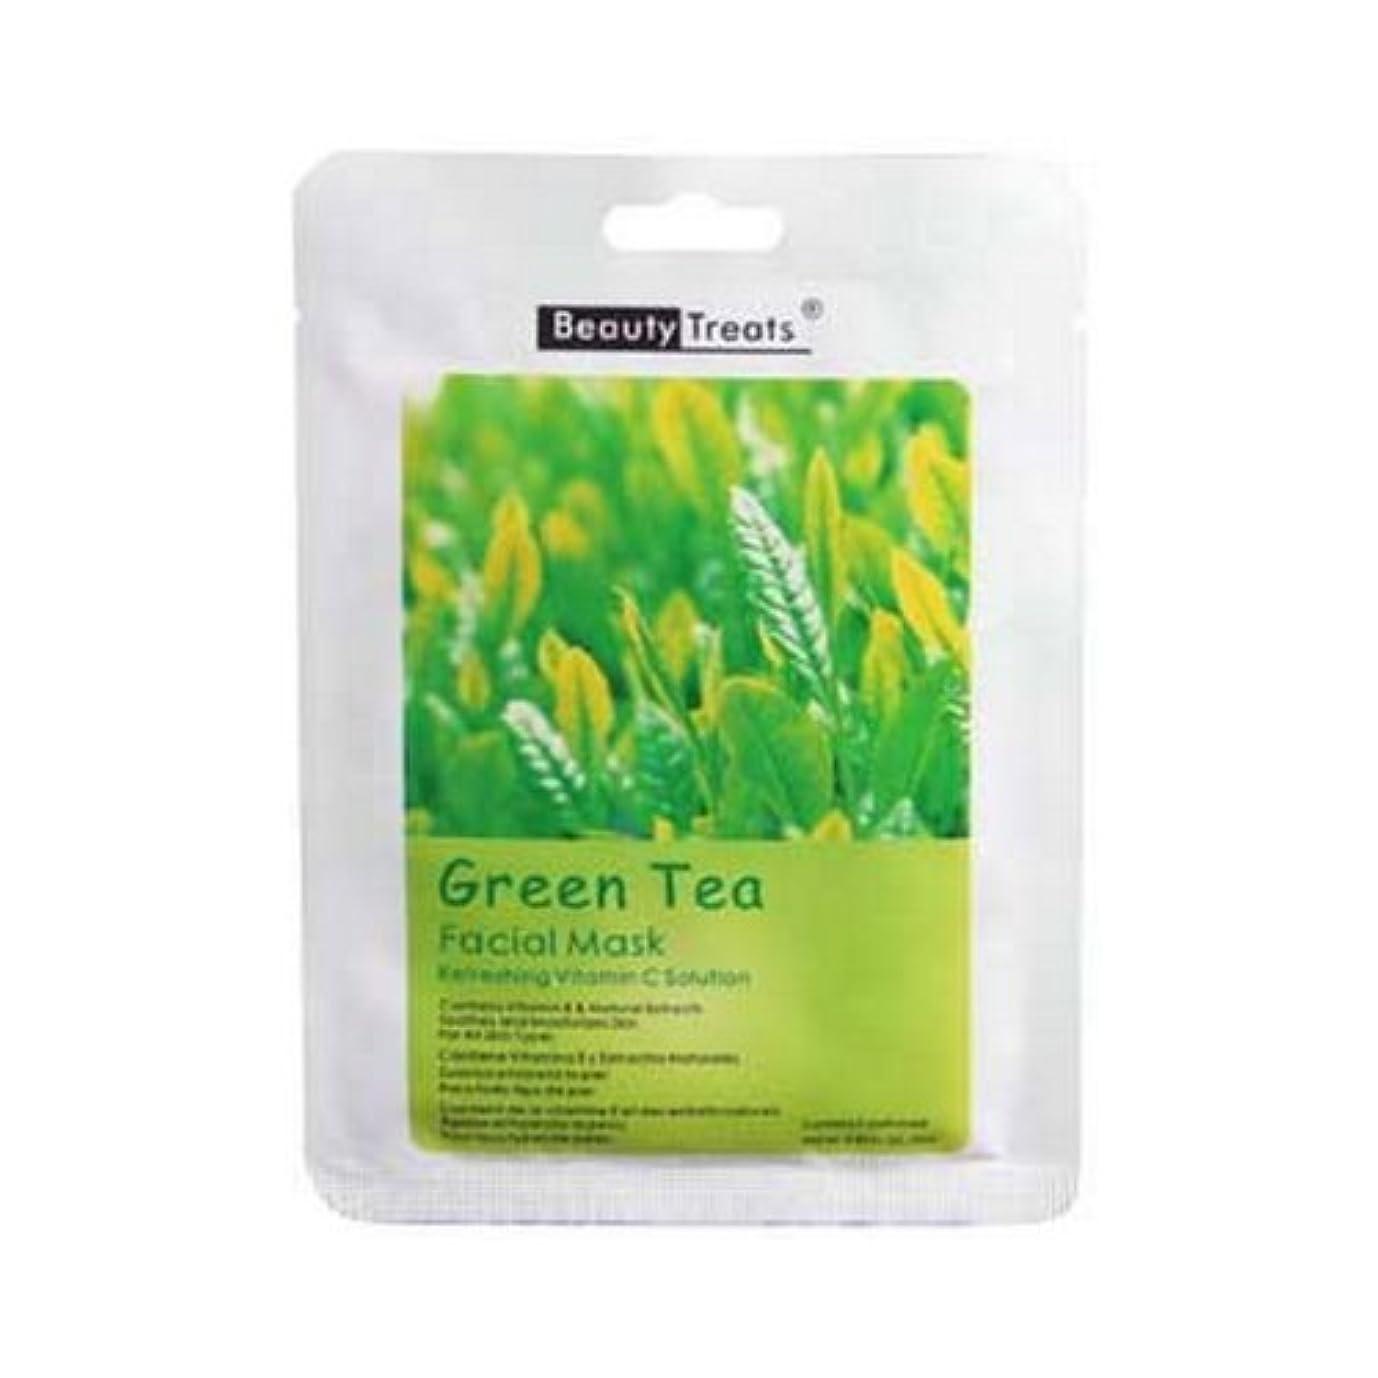 タウポ湖パーチナシティ永続(3 Pack) BEAUTY TREATS Facial Mask Refreshing Vitamin C Solution - Green Tea (並行輸入品)